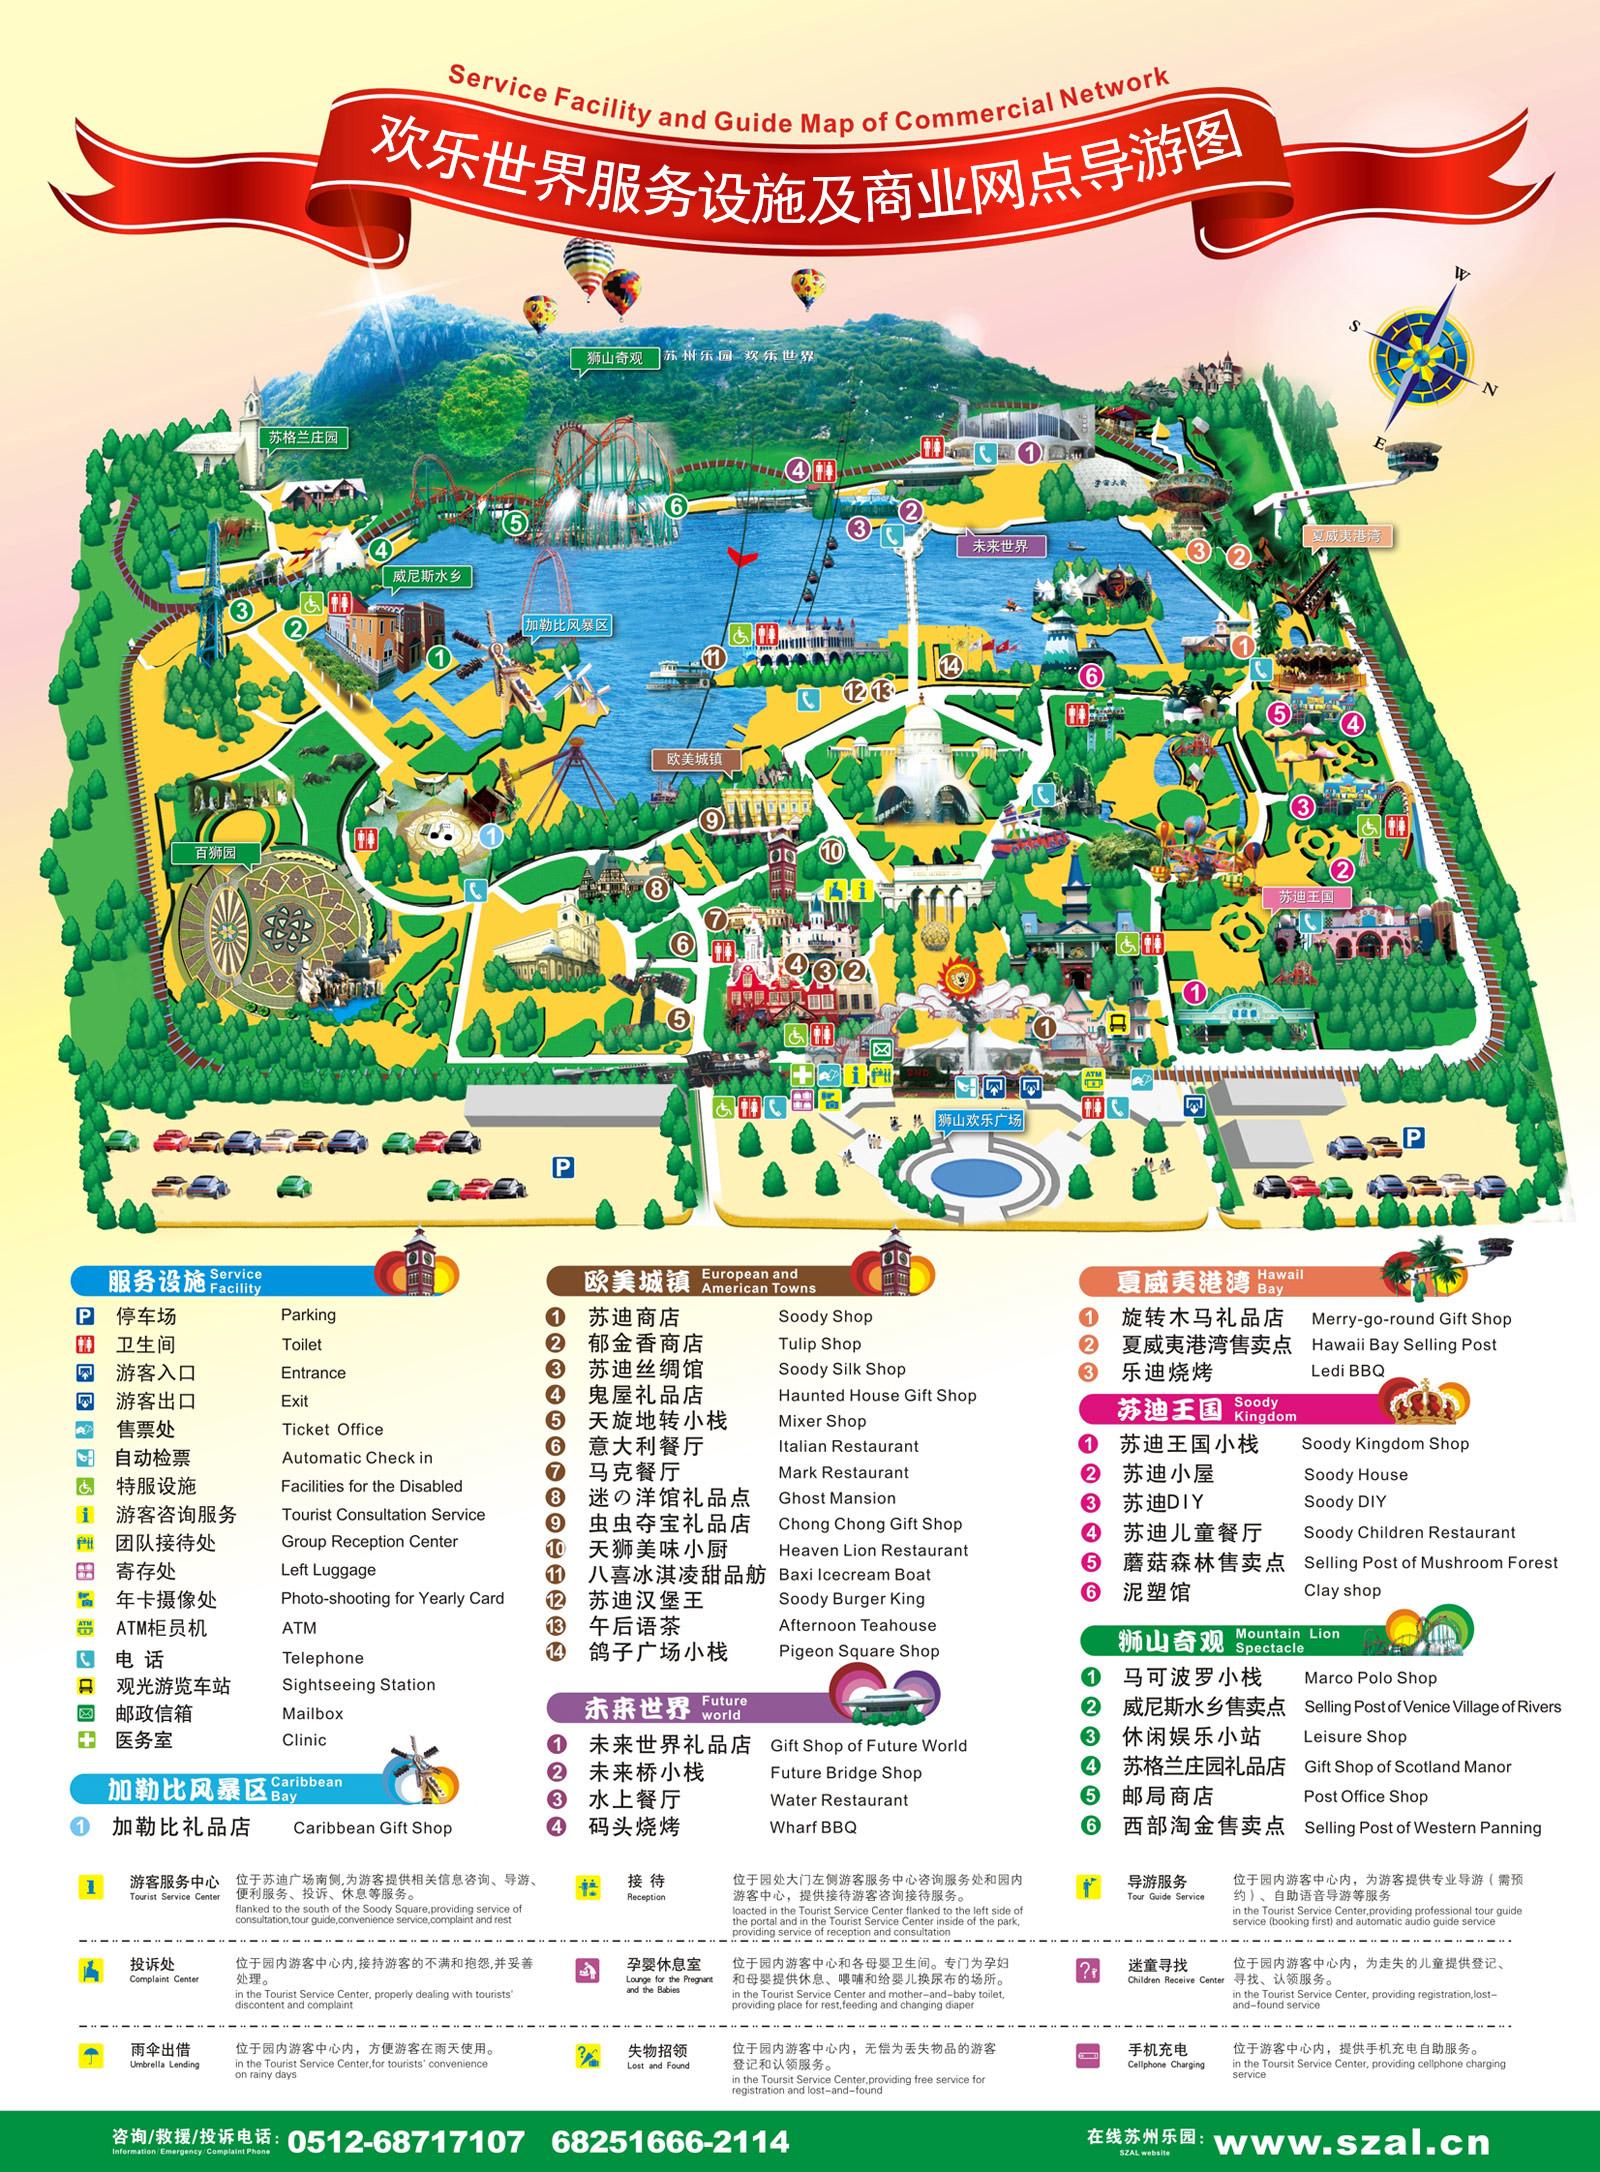 苏州乐园导览图 @苏州乐园官网